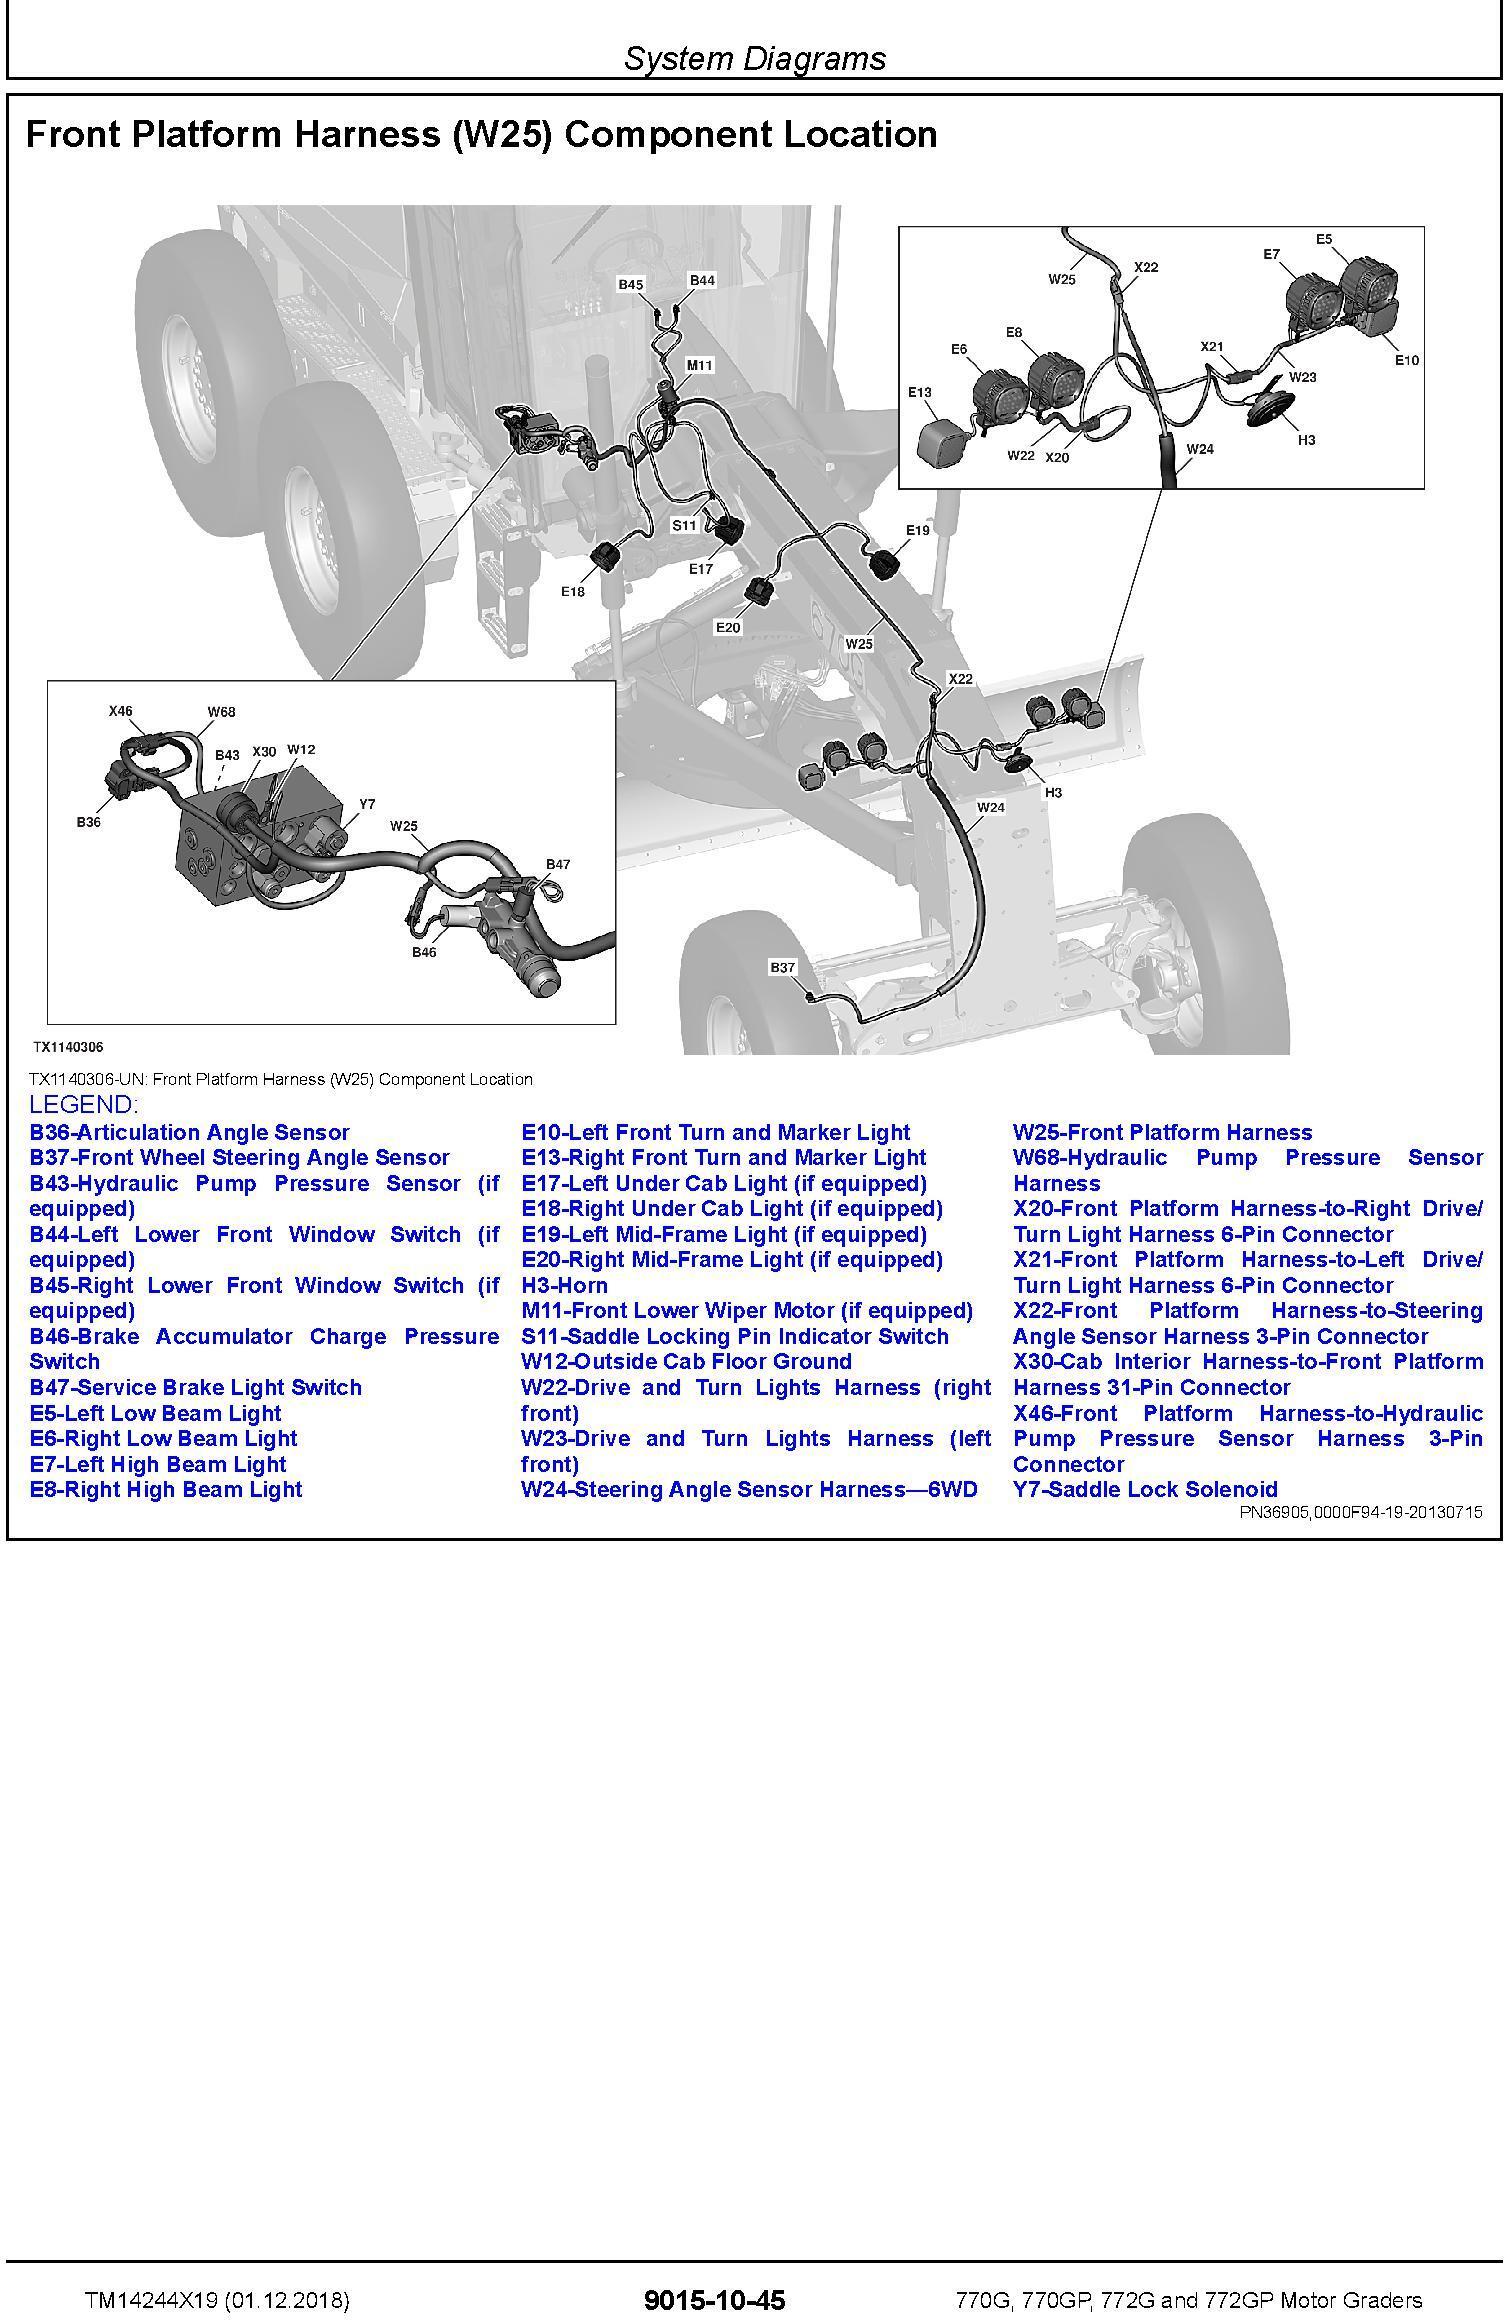 John Deere 770G,770GP, 772G,772GP (SN.F680878-,L700954) Motor Graders Diagnostic Manual (TM14244X19) - 1